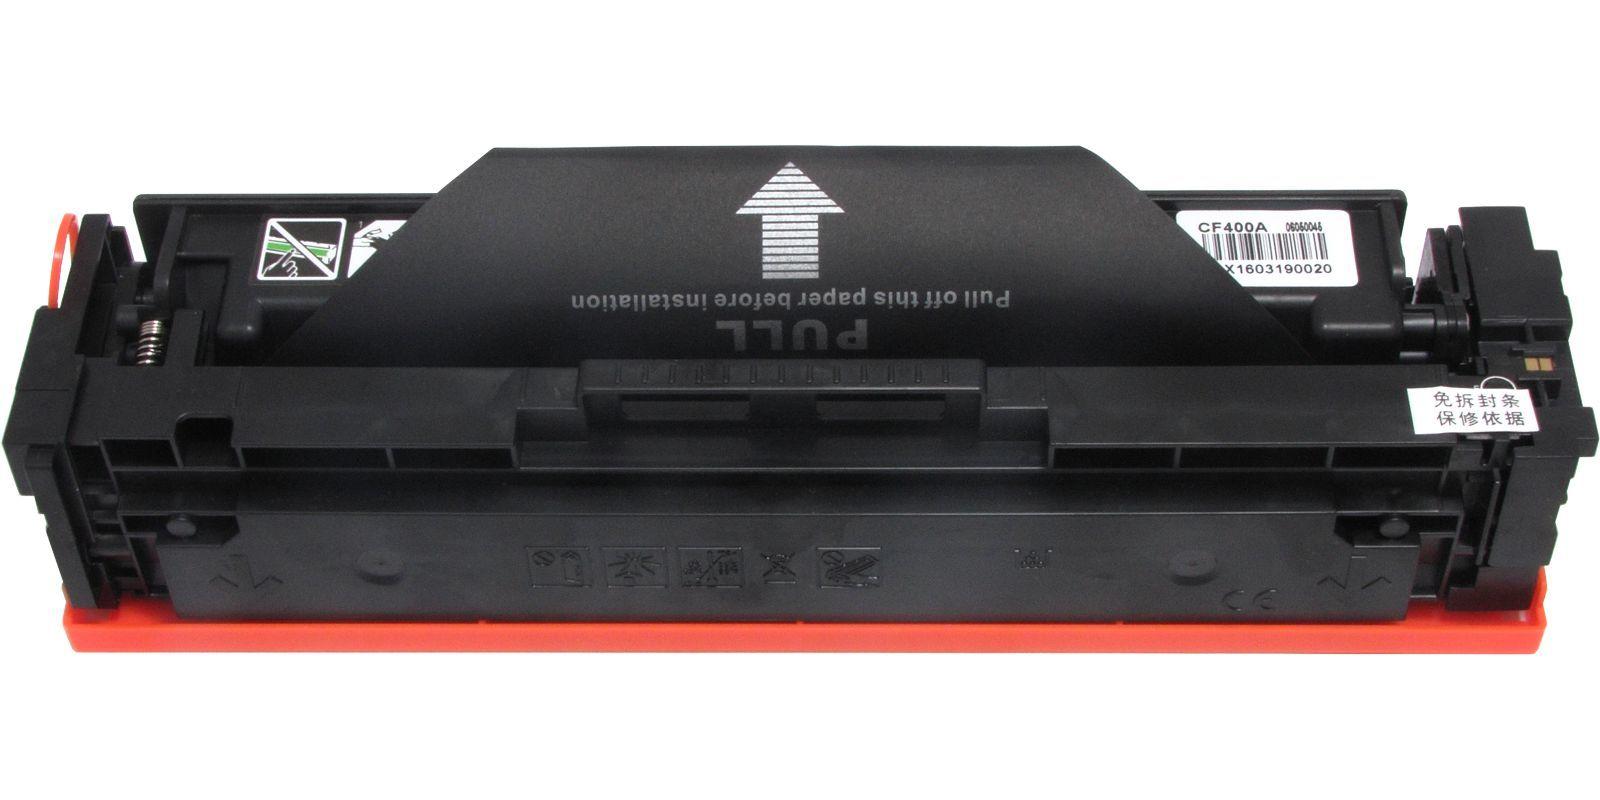 Картридж лазерный цветной MAK© 201A CF400A черный (black), до 1500 стр.